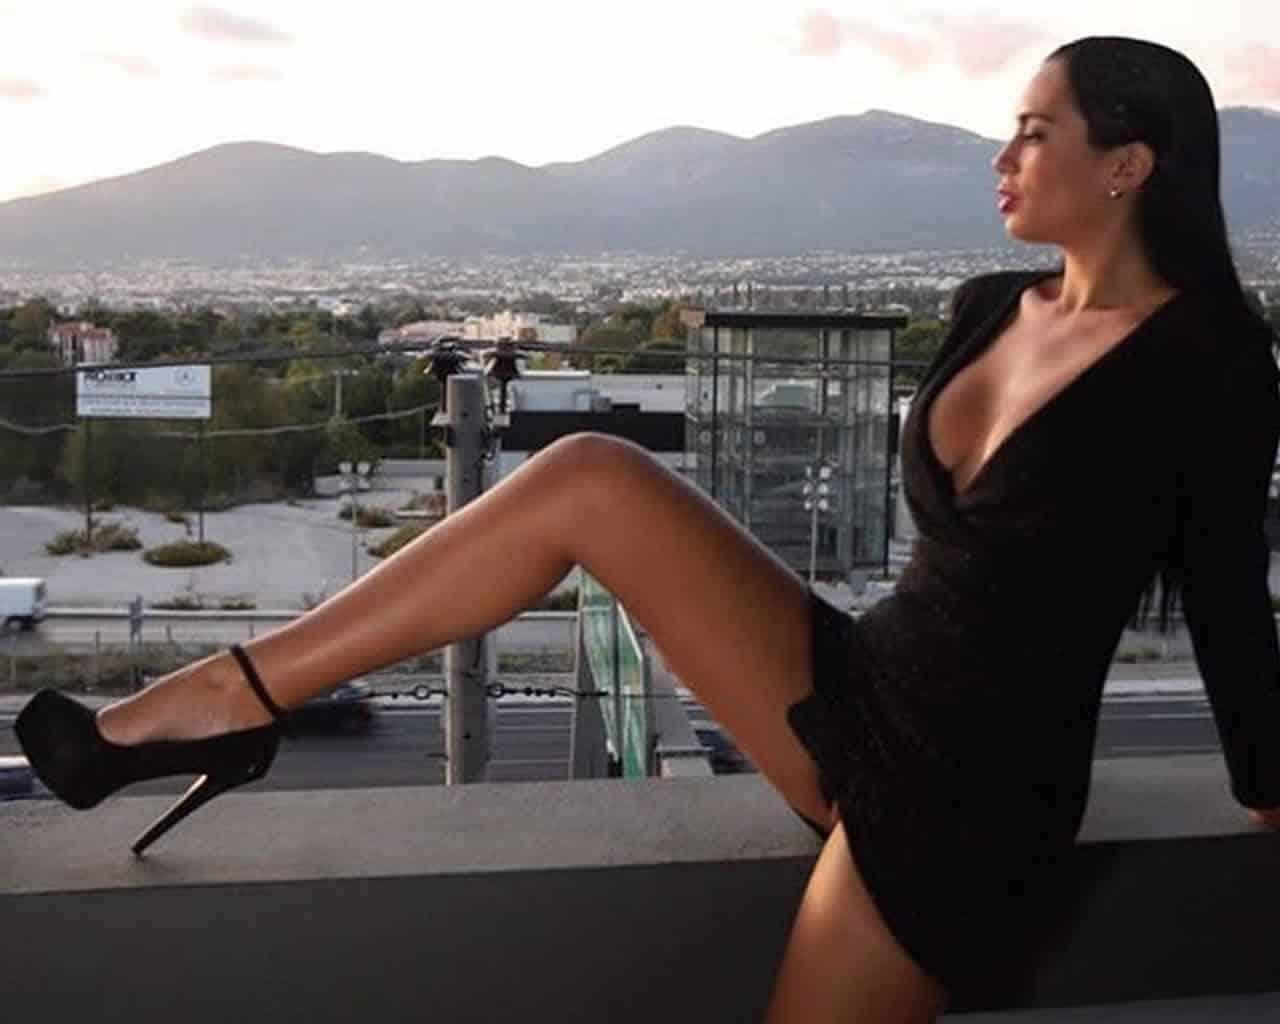 Η απόφοιτος της Φιλοσοφικής Αθηνών Νατάσα Βελιανίτη γονατίζει το instagram